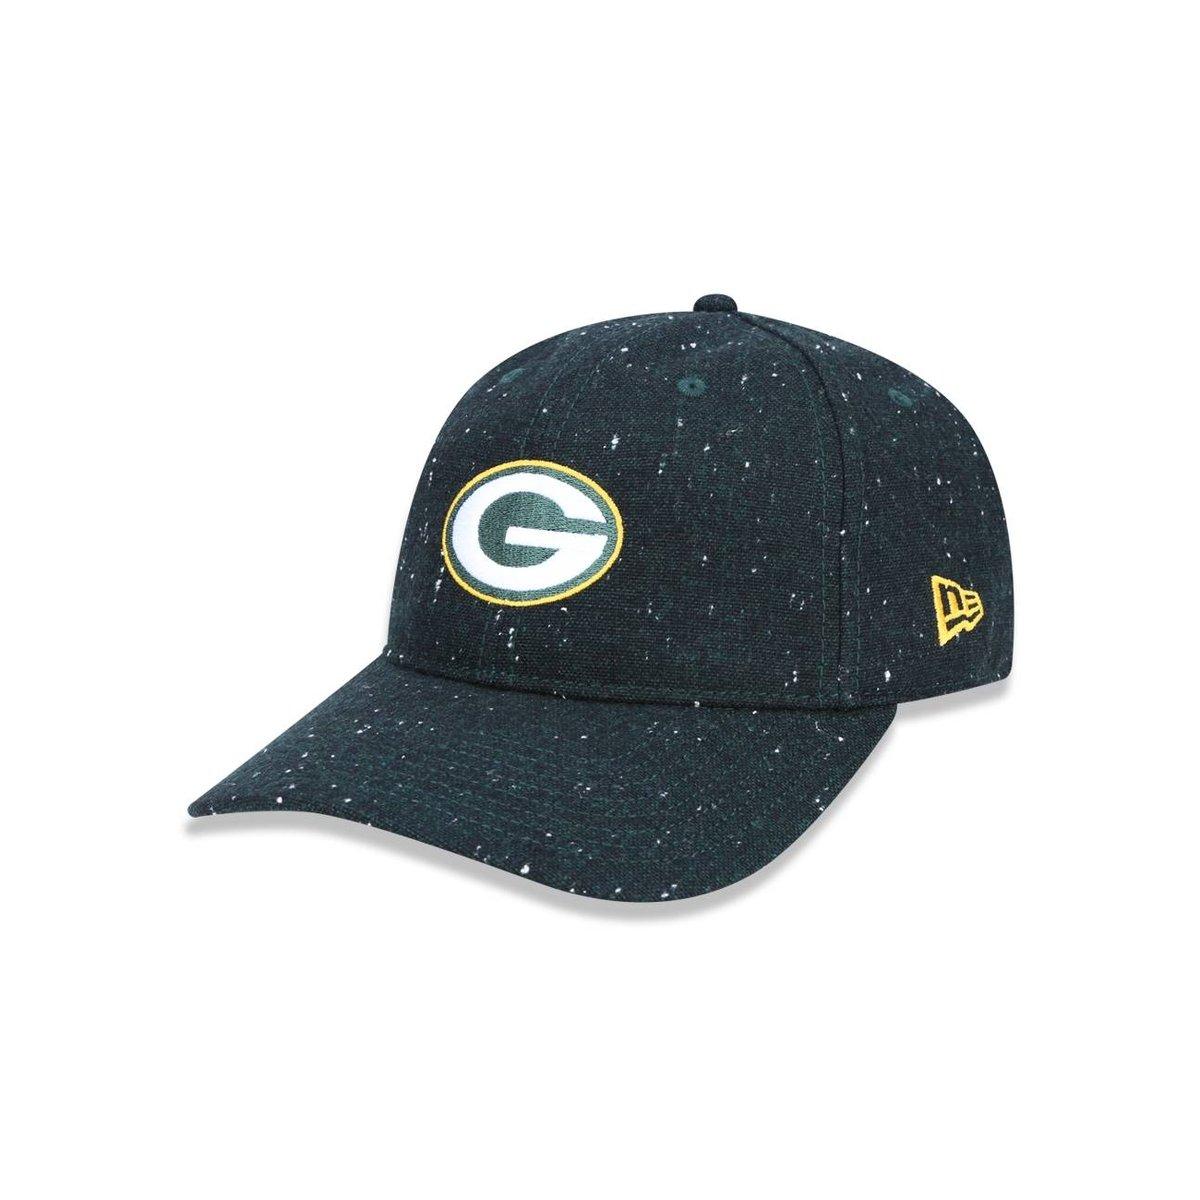 891d16be9 Boné 940 Green Bay Packers NFL Aba Curva Snapback New Era - Compre Agora